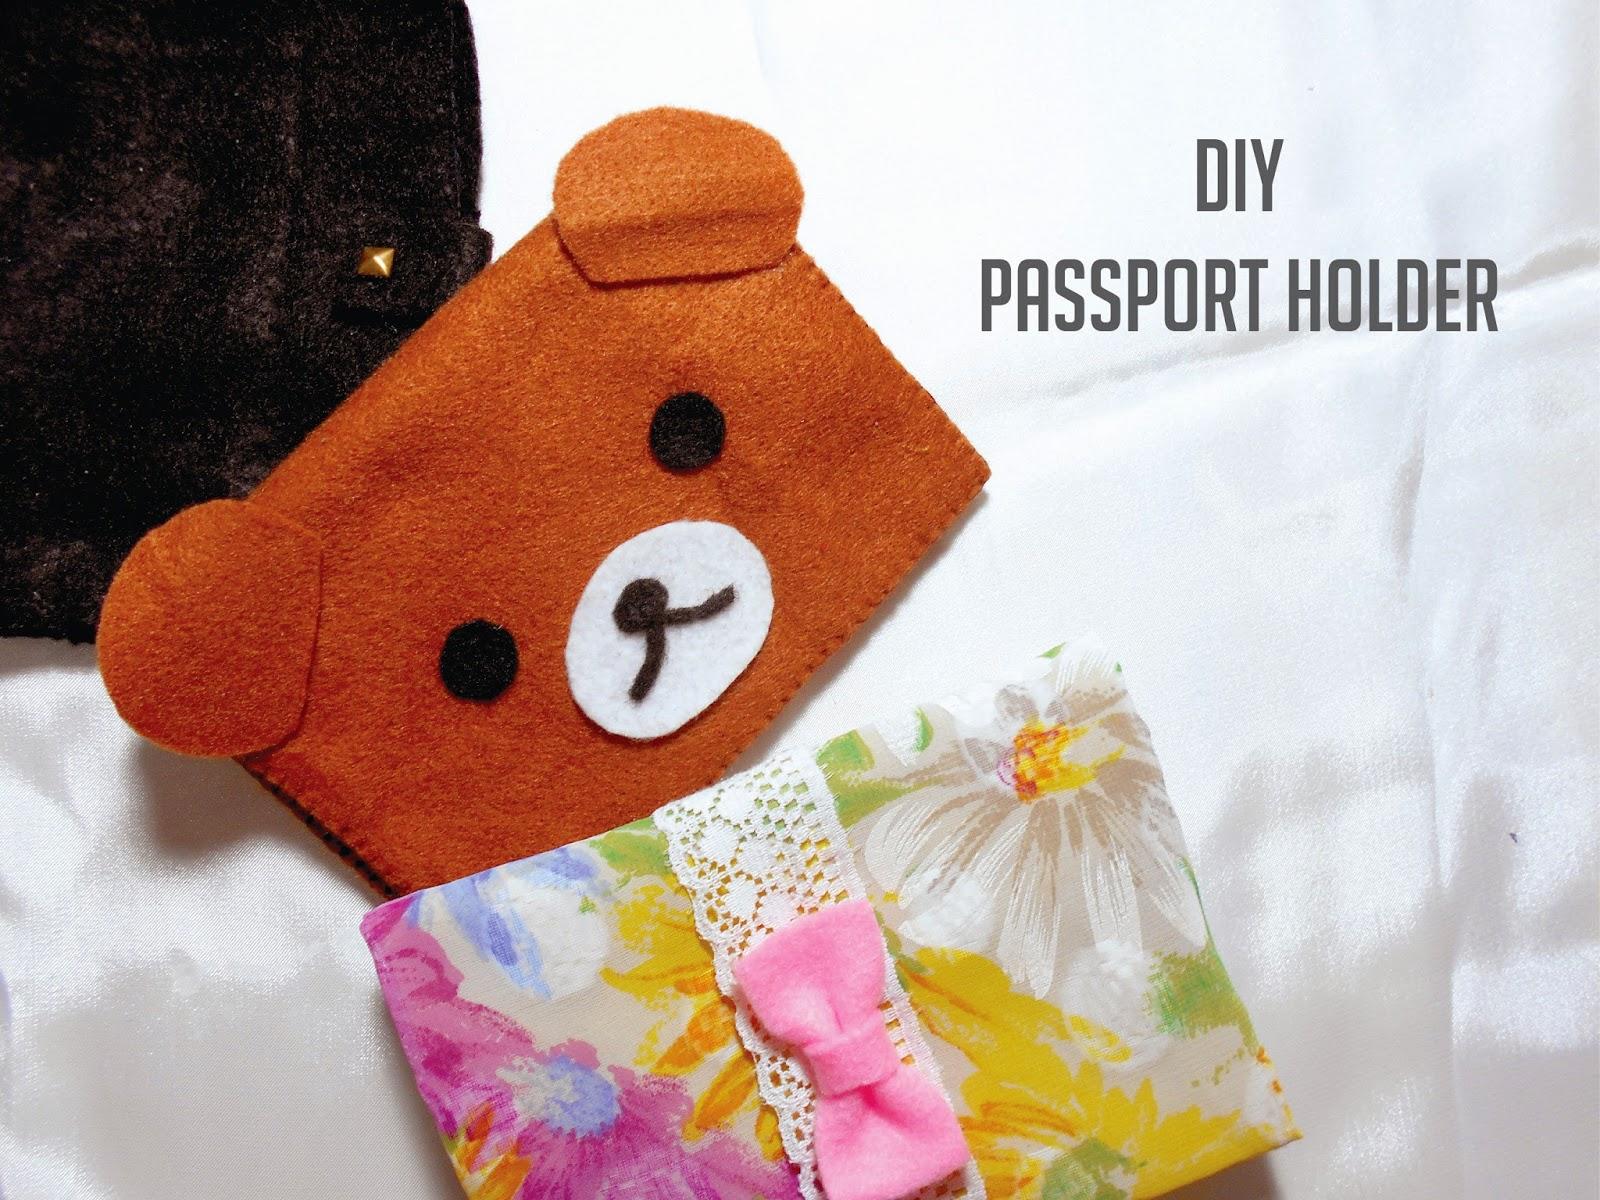 DIY Cute Passport Holder or Wallet From Felt (Easy)